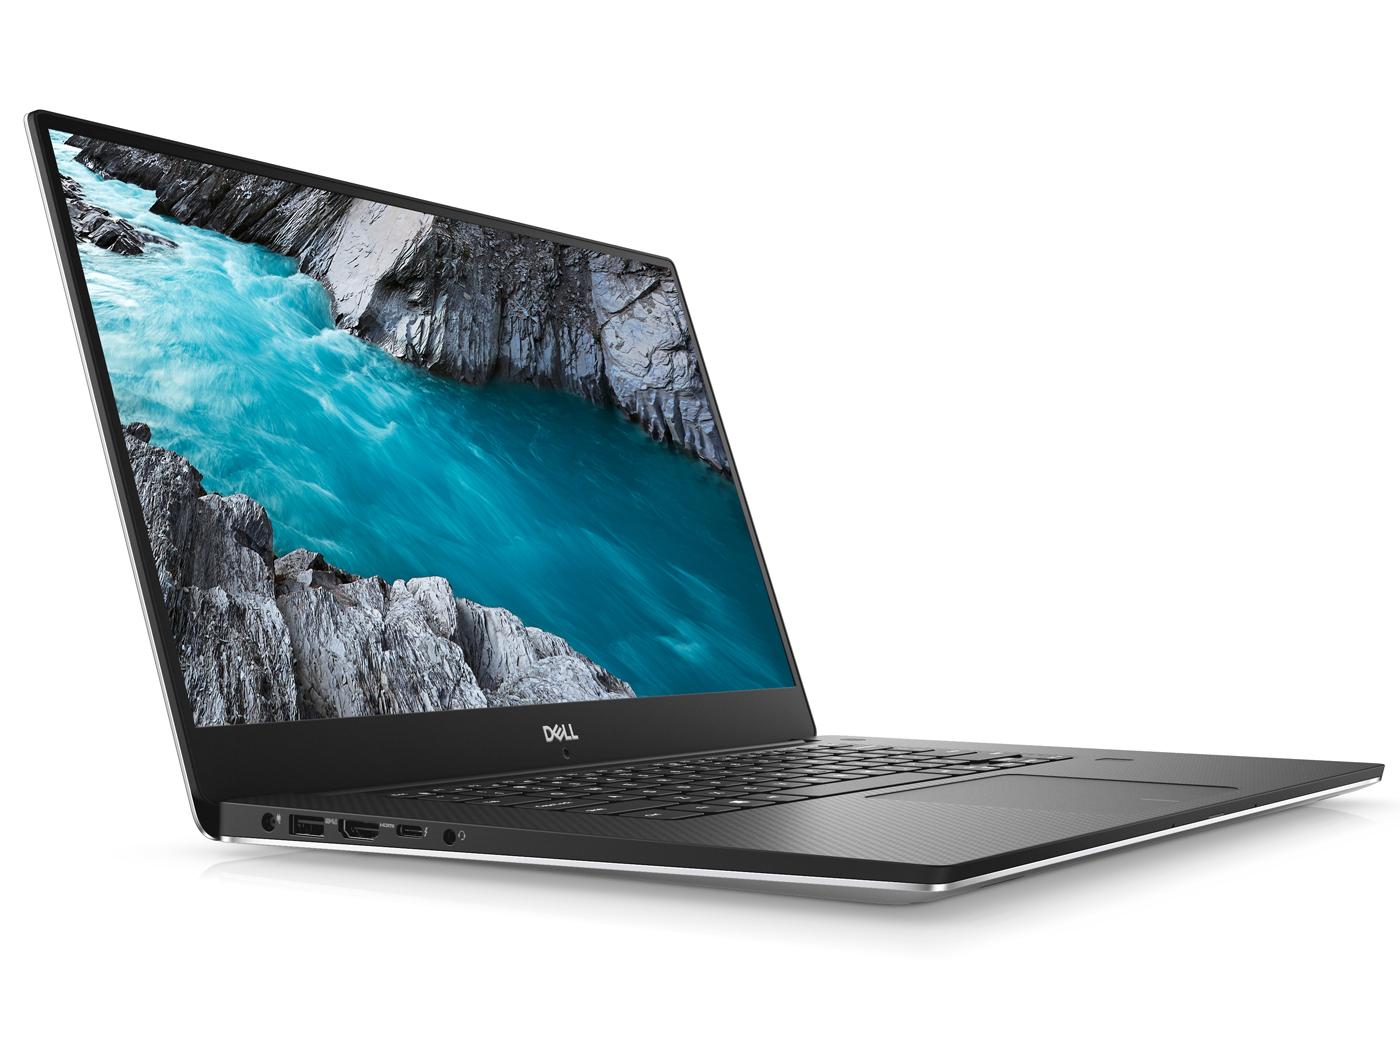 Dell XPS 15 9570 16 GB RAM, 512 GB SSD GeForce GTX 1050 Ti Max-Q Full HD